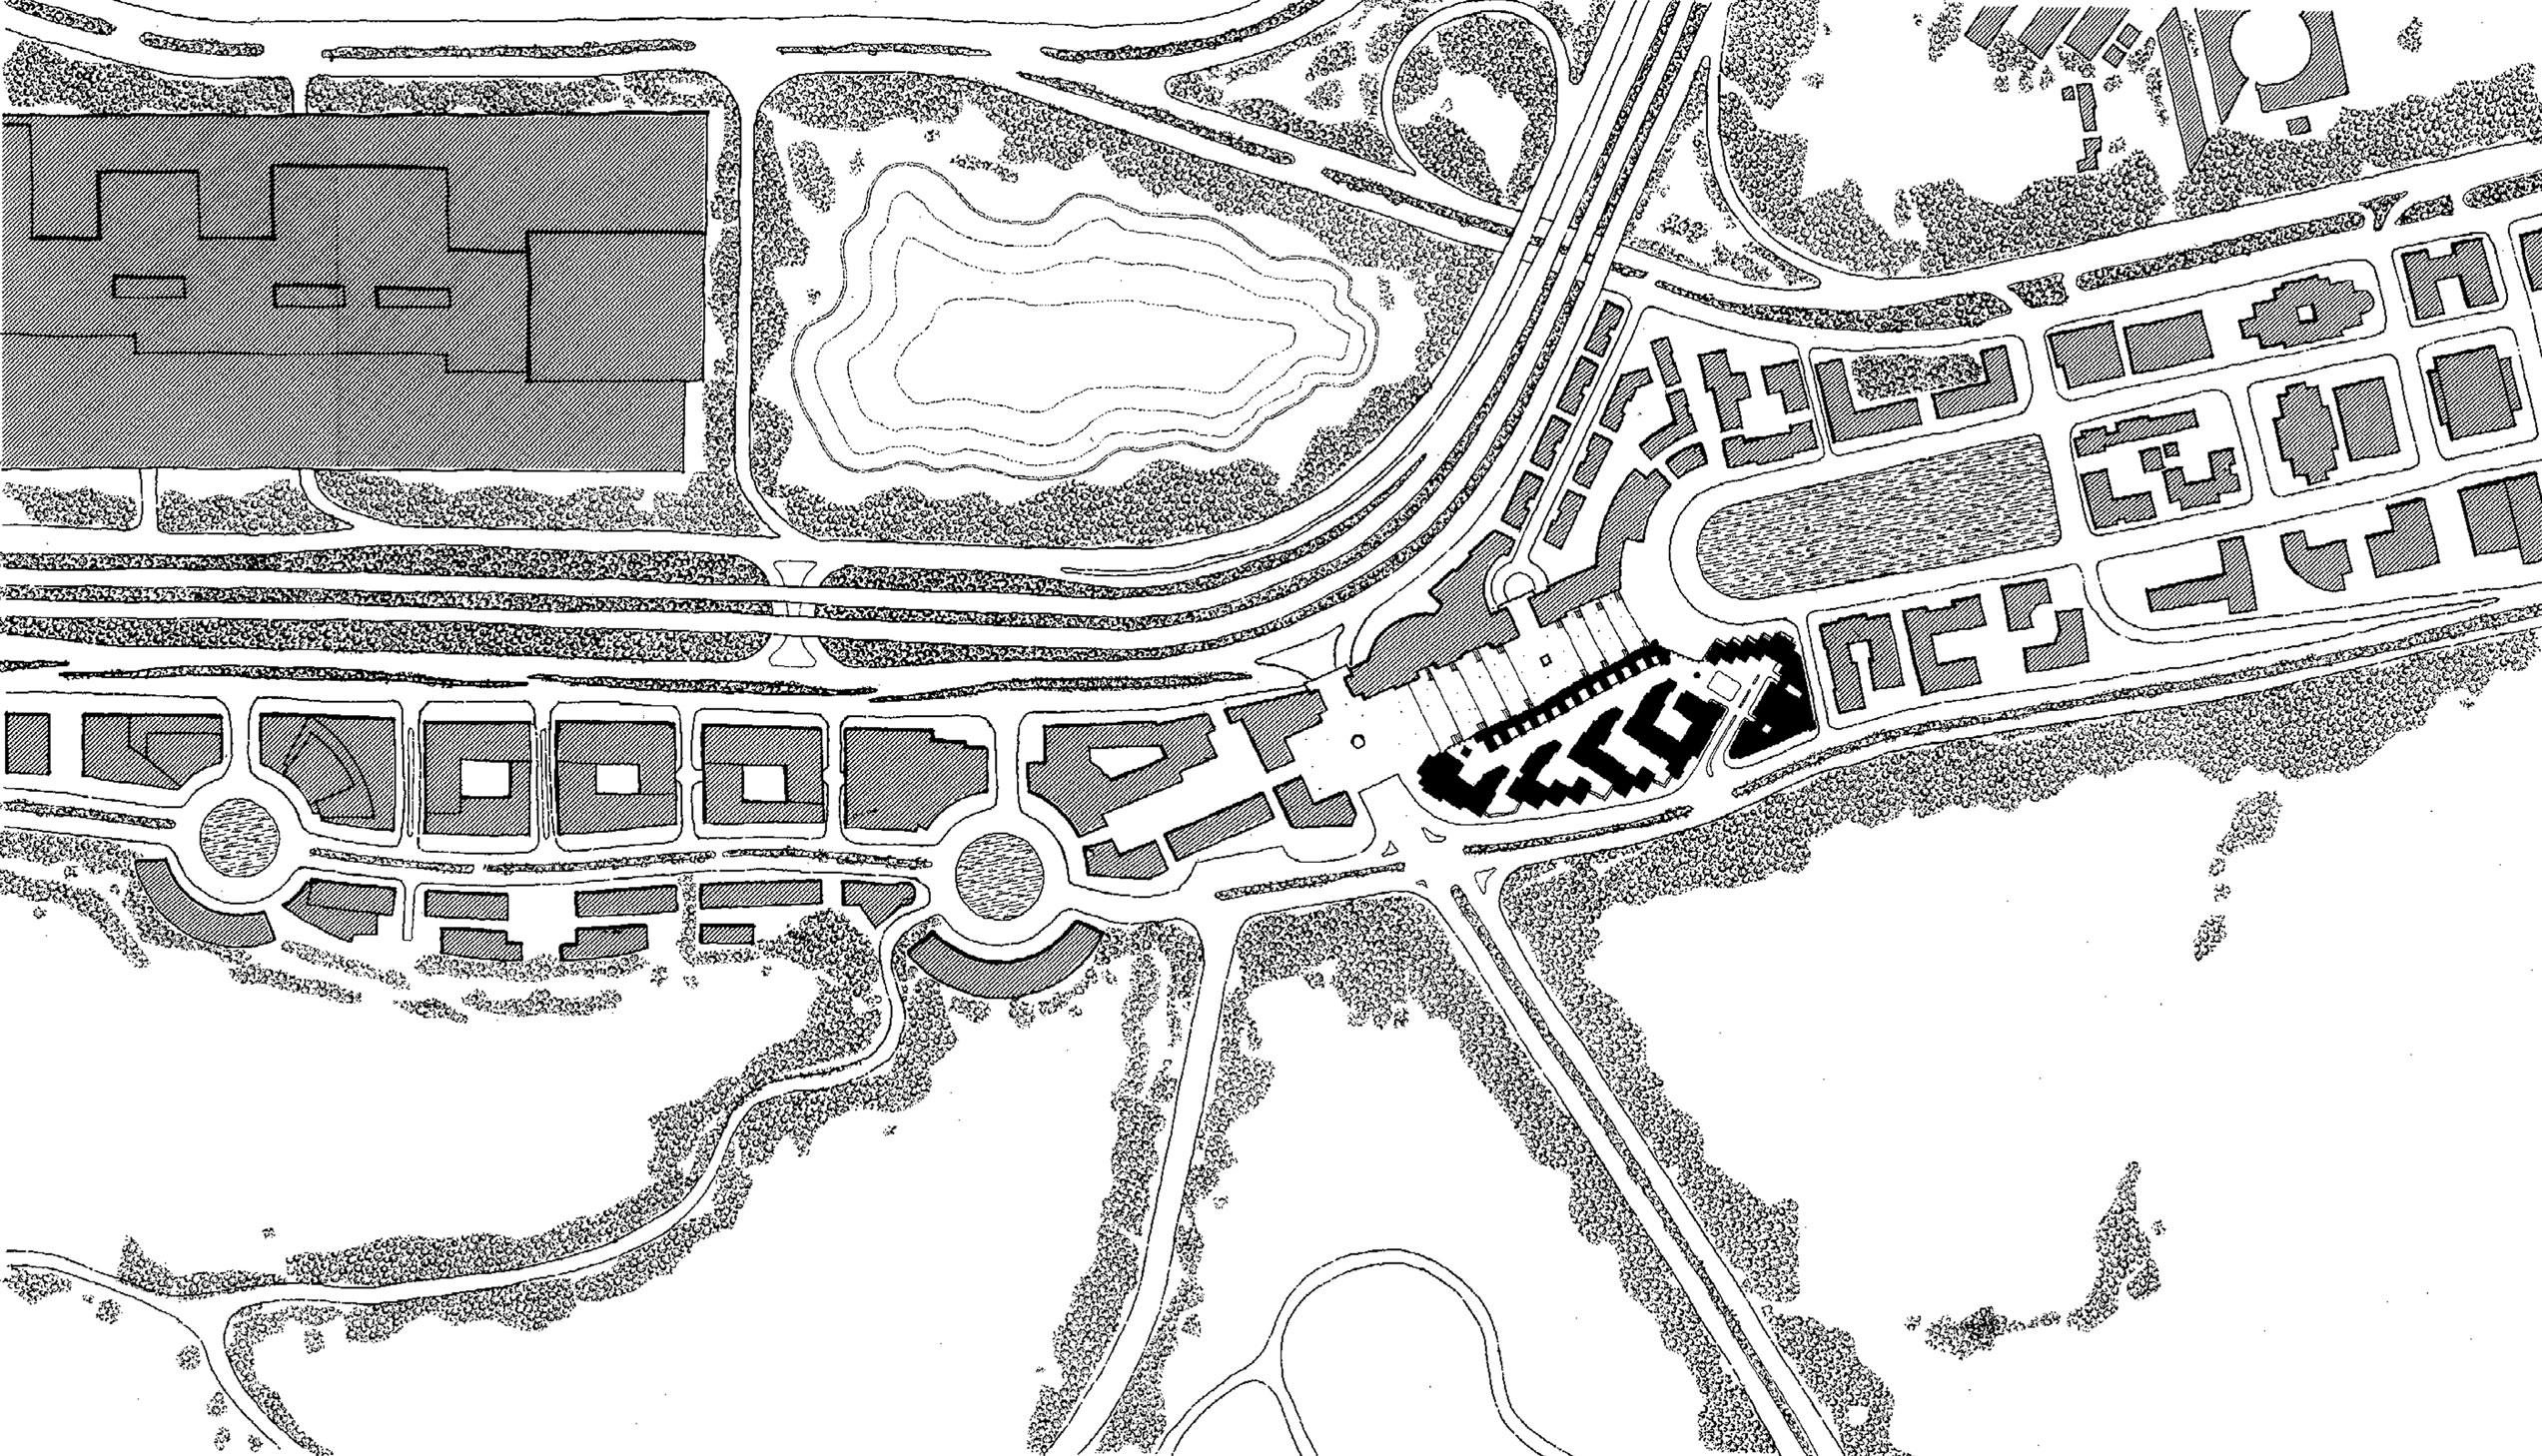 Santa Fe Master Plan - Plan of Housing,